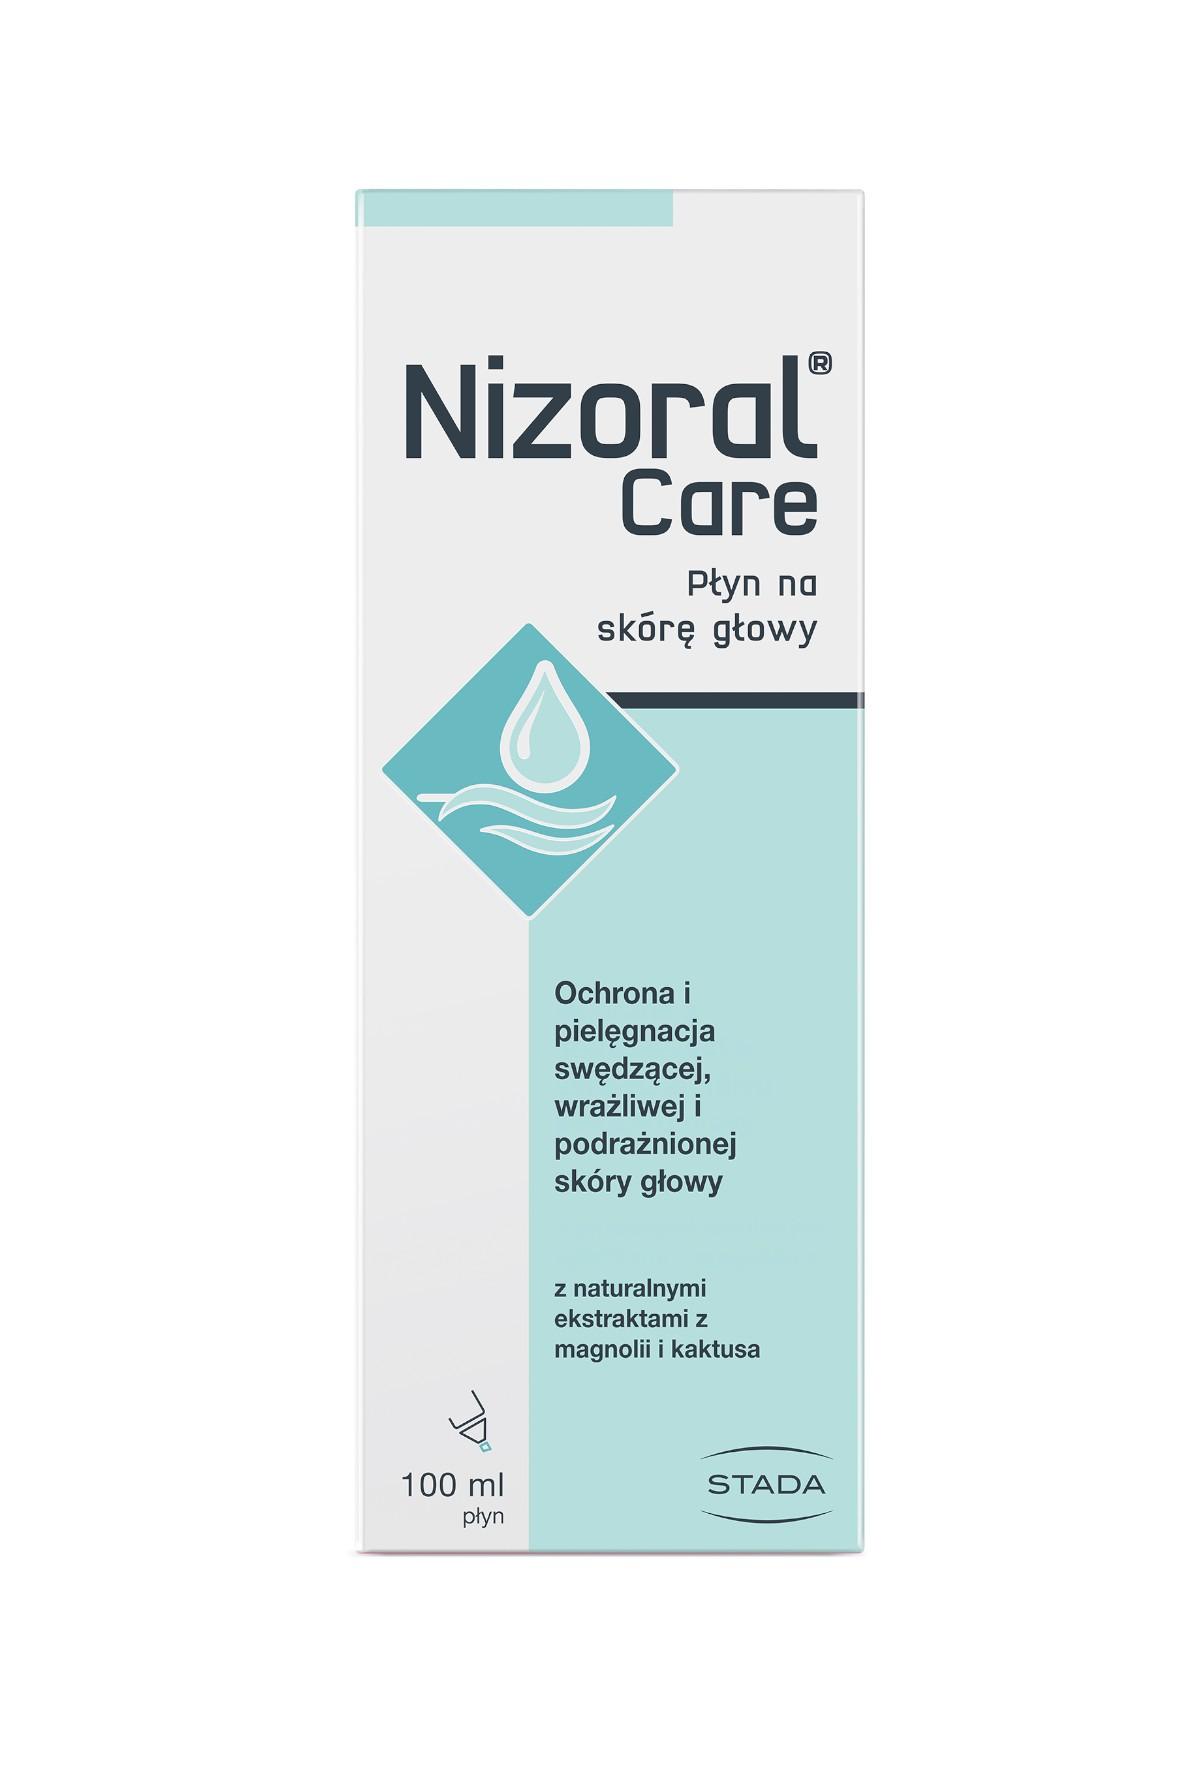 Nizoral care płyn na skórę głowy - 100 ml